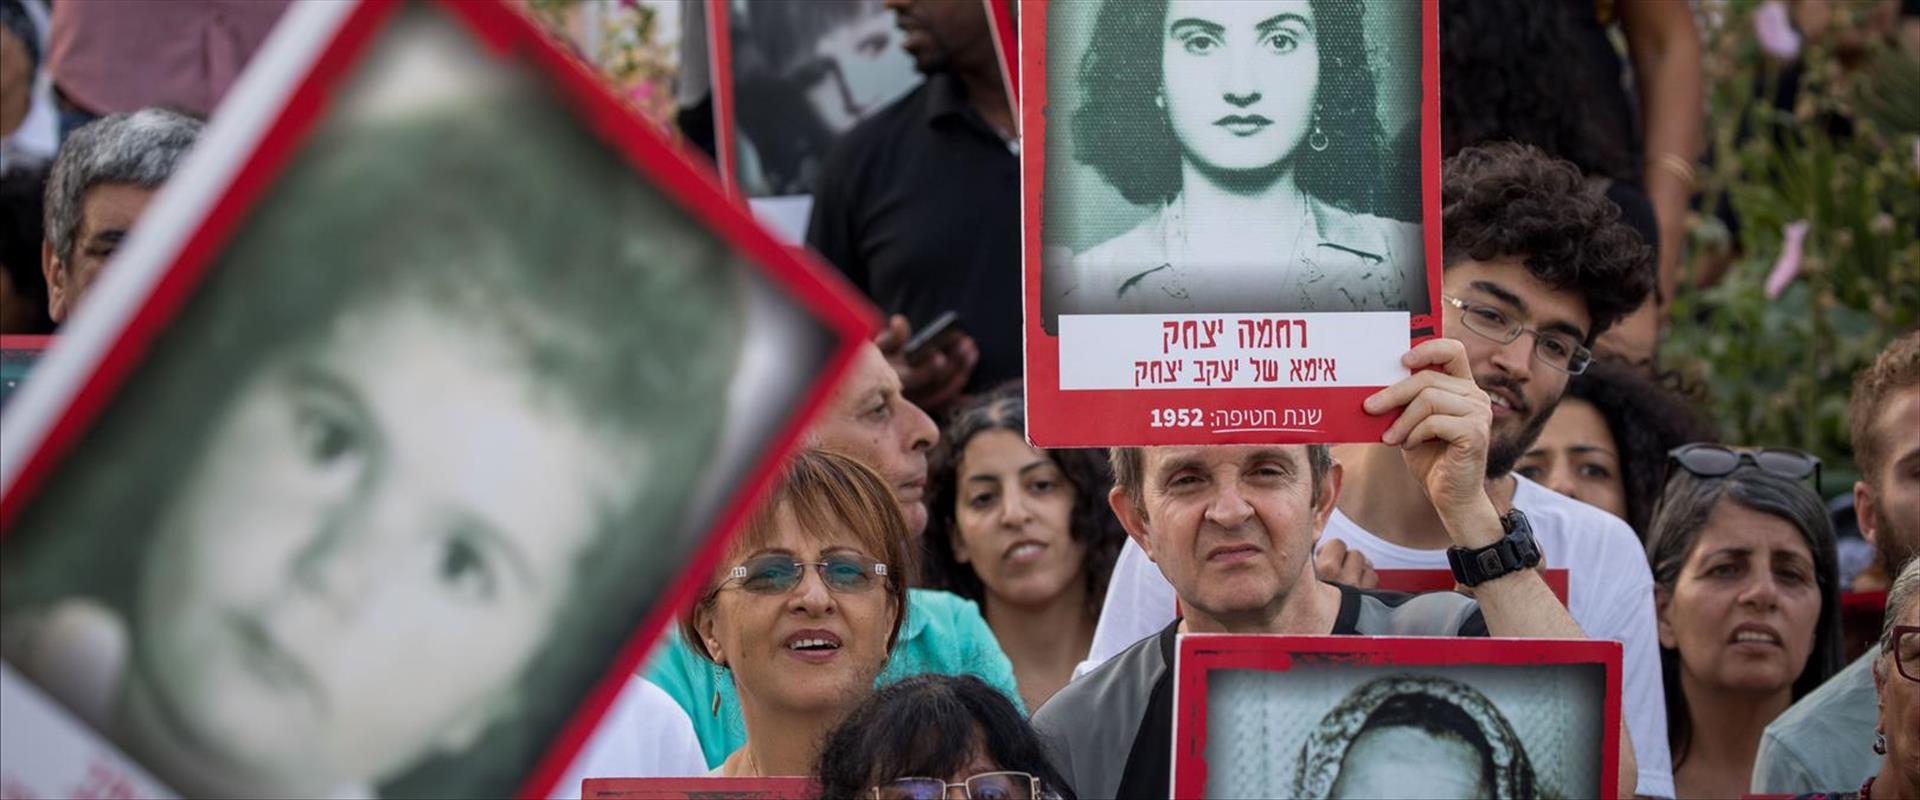 L'affaire des enfants yéménites : l'Etat d'Israël indemnise les familles